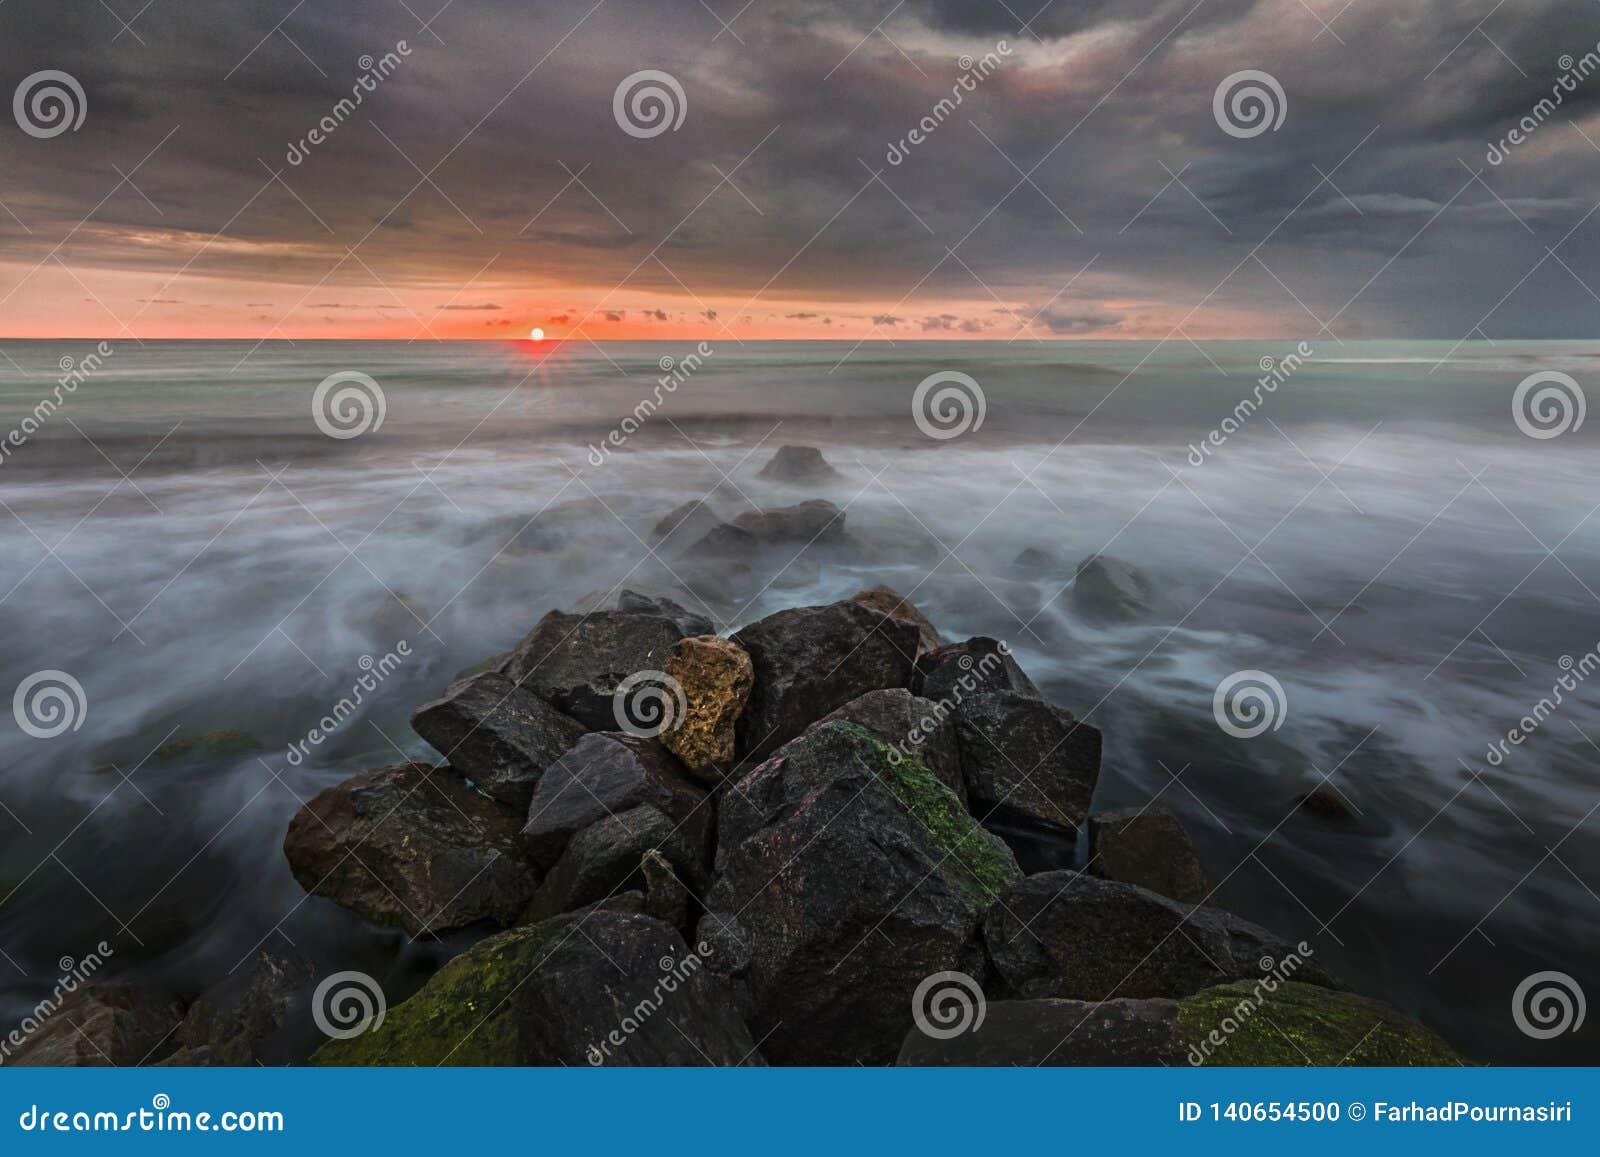 Susurro del Mar-viento en mis oídos